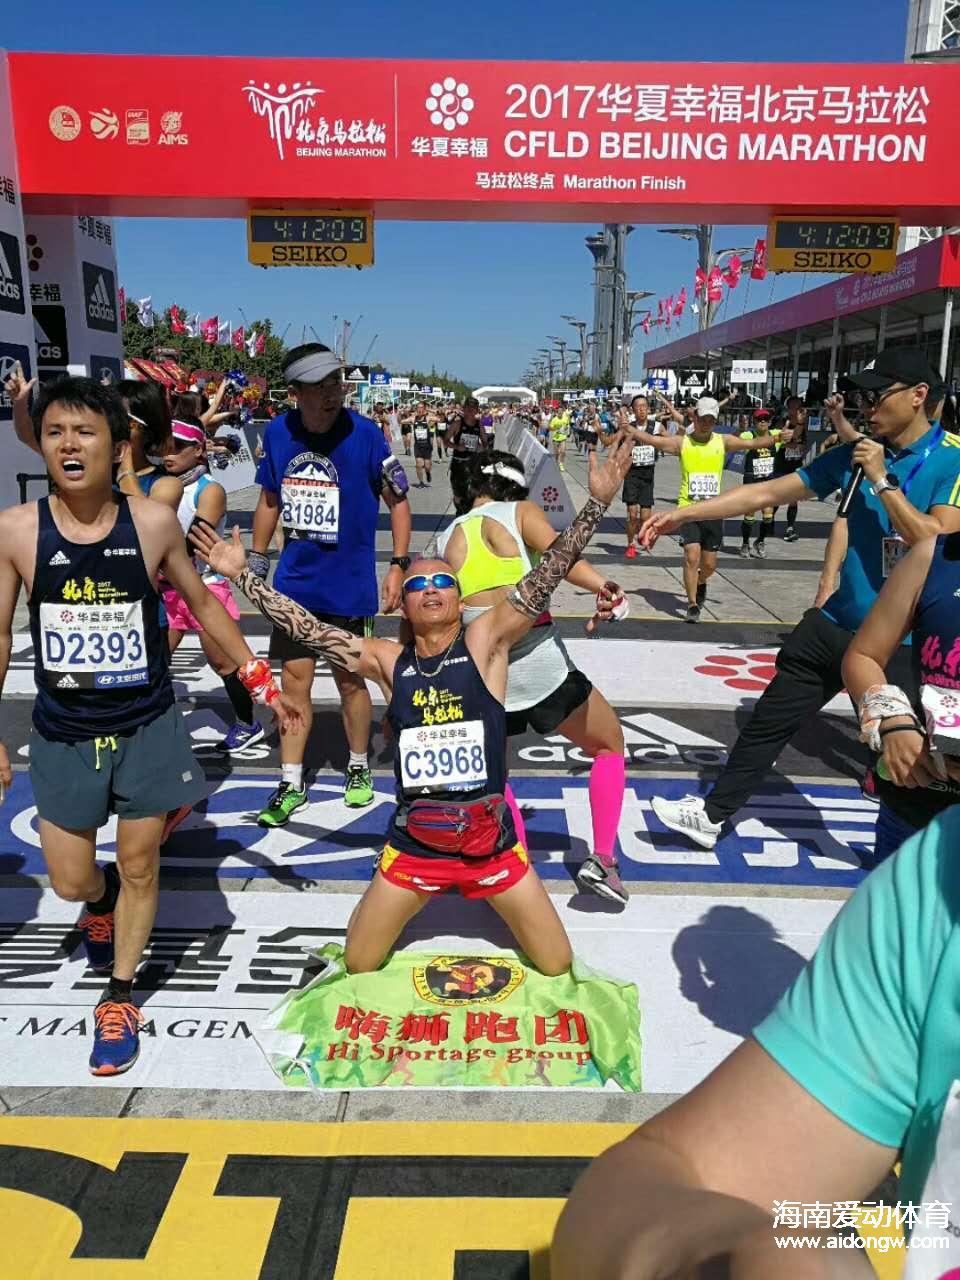 2017华夏幸福北京马拉松活力收官  海南跑友活力开跑